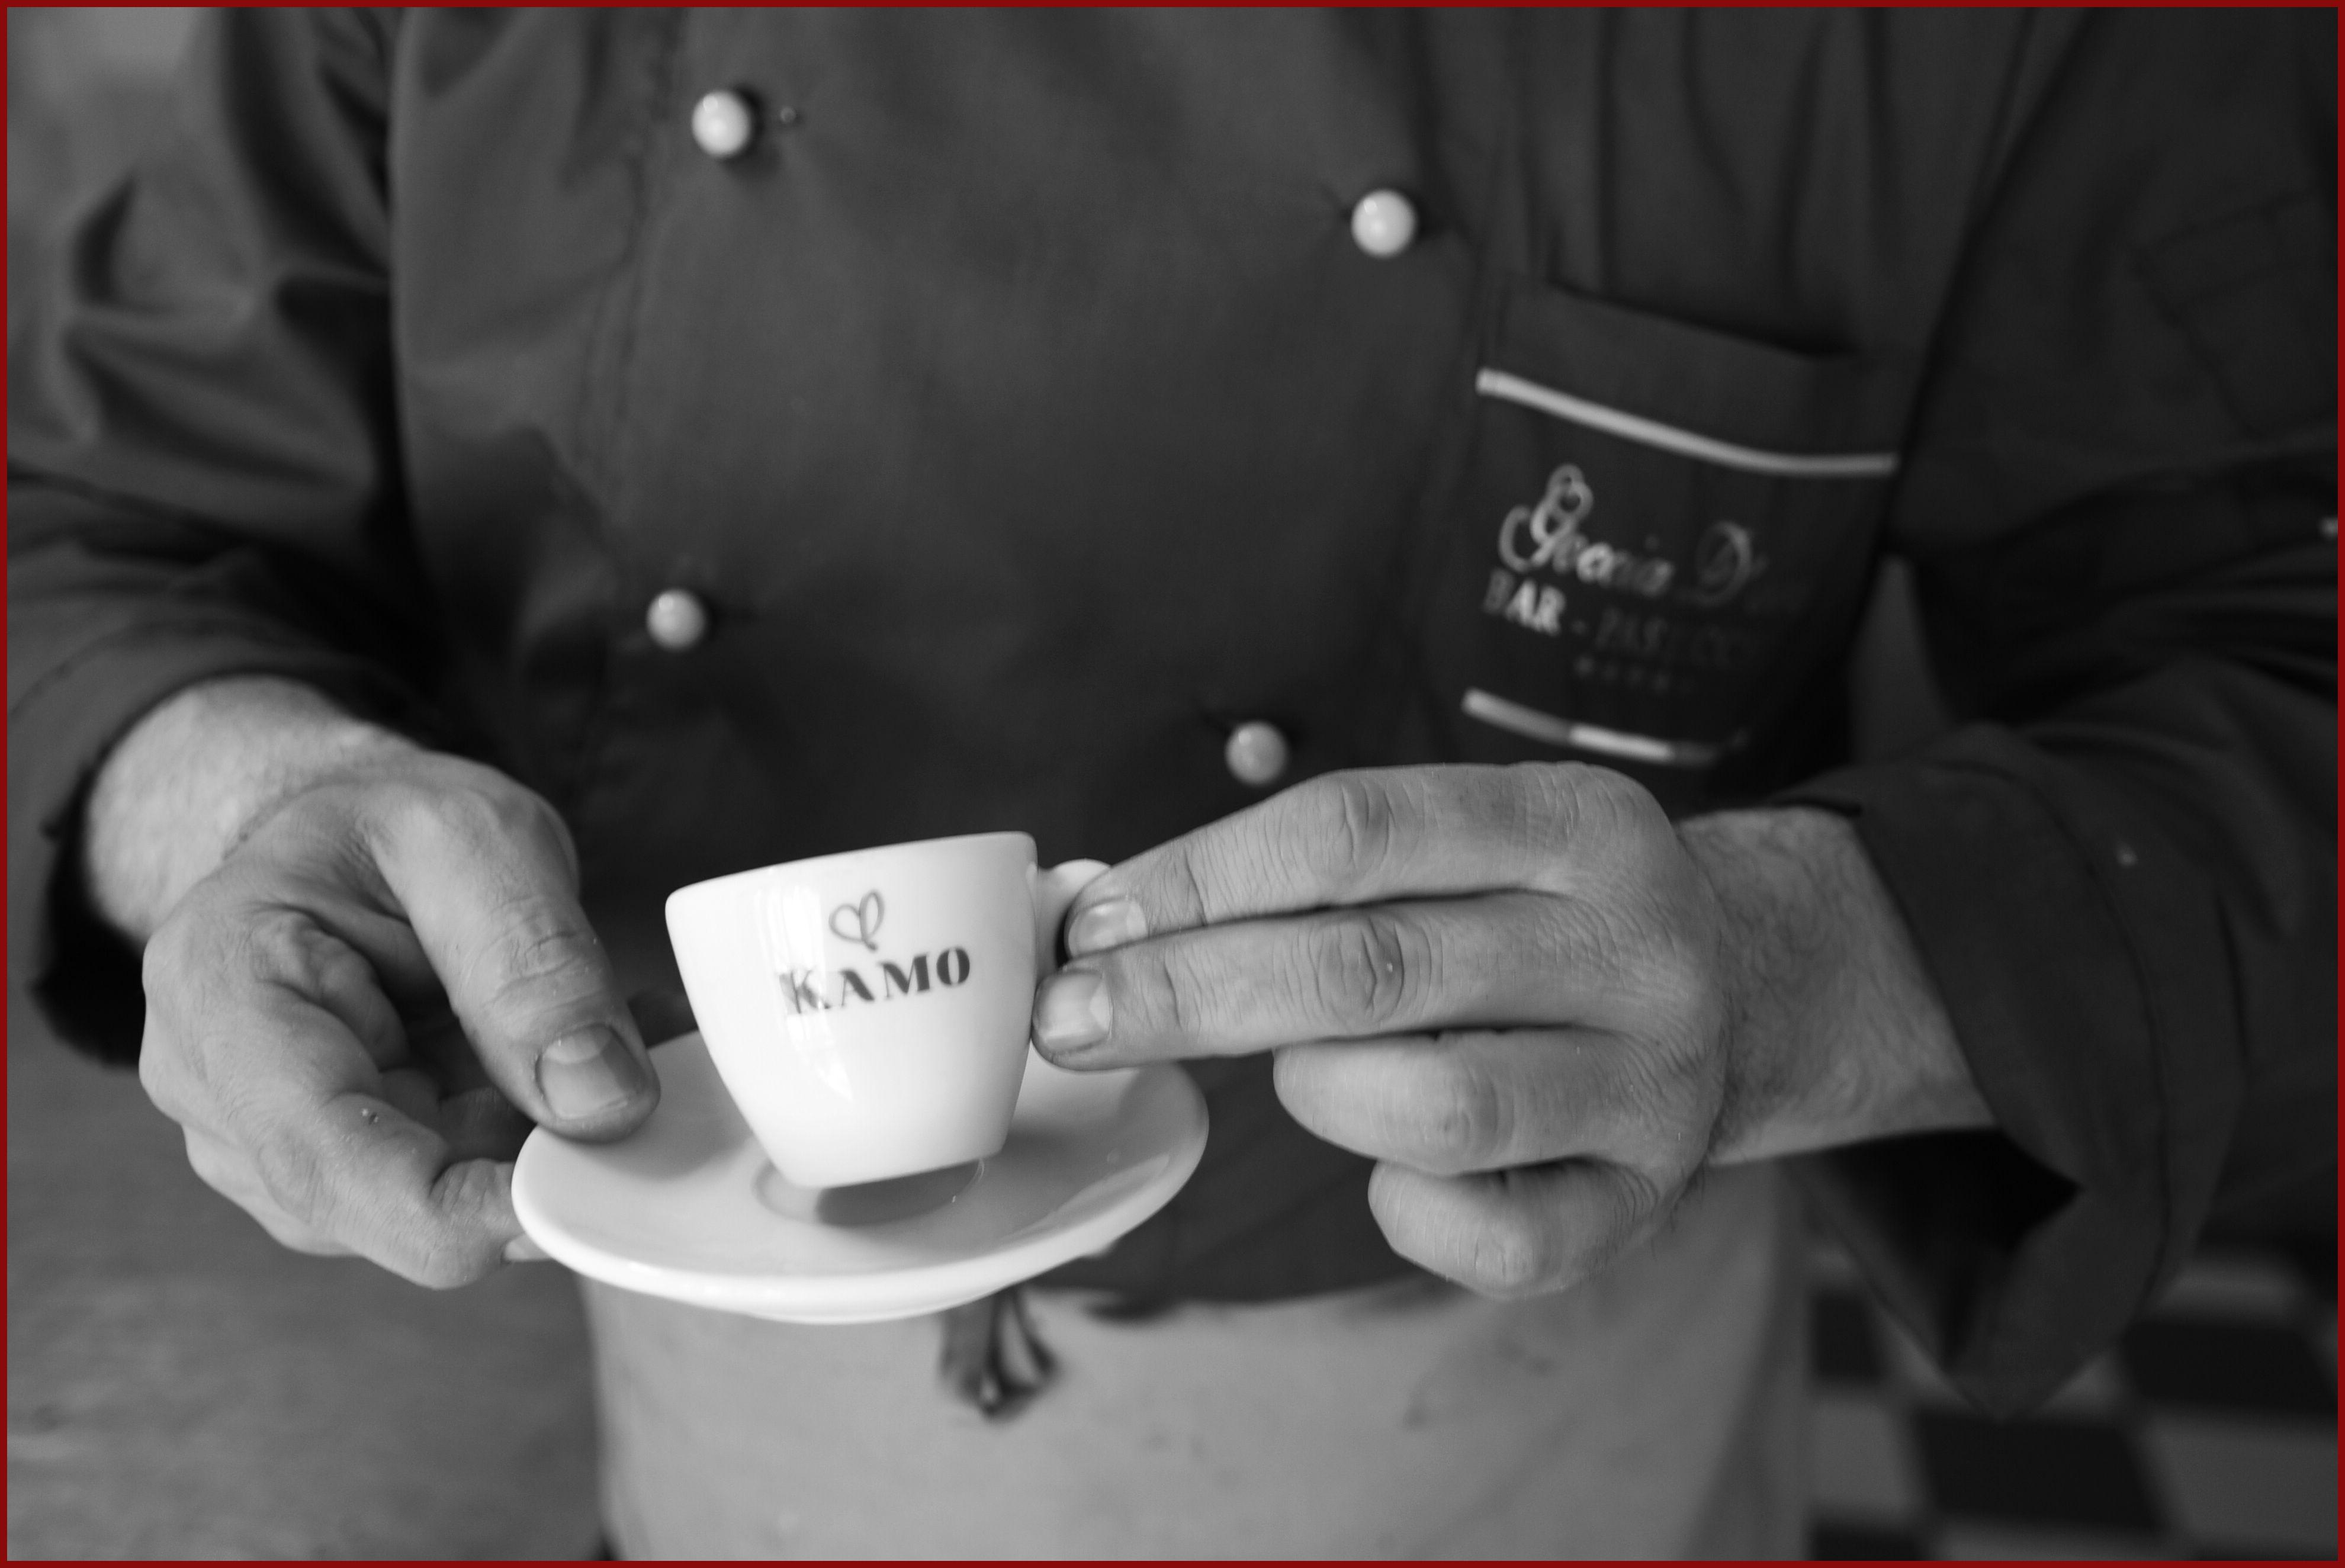 """Basta uno sguardo, e il barista di fiducia capirà se """"è il momento dell'espresso con cornetto, ma al bancone perché è già tardi"""" oppure se """"c'è il sole e sono in anticipo, mi gusto il mio caffè seduta al tavolino"""".  Basta uno sguardo, con #caffekamo.  Siamo al Bar Goccia d'oro per la colazione.  #puntikamo"""